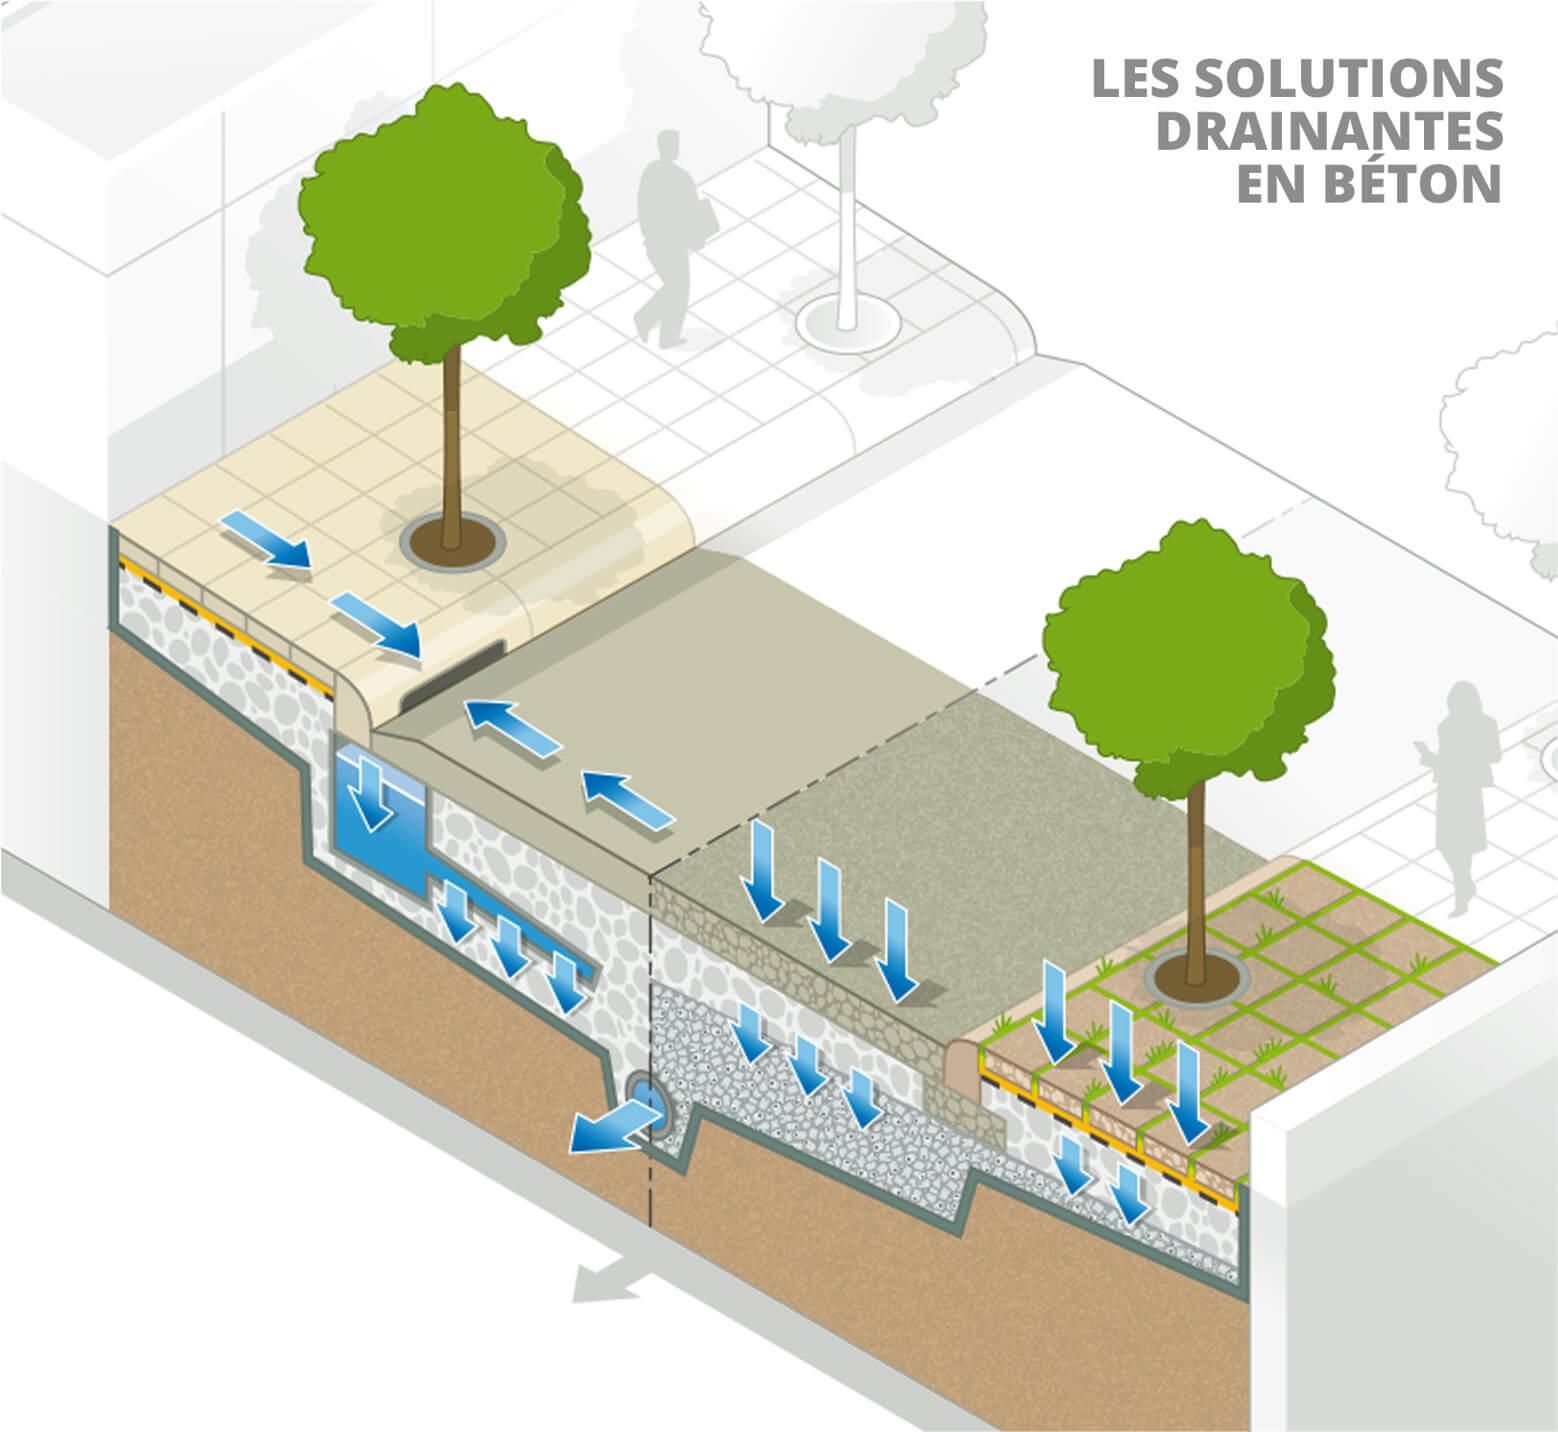 Solutions Drainantes Pour Les Risques D Inondation Bybeton